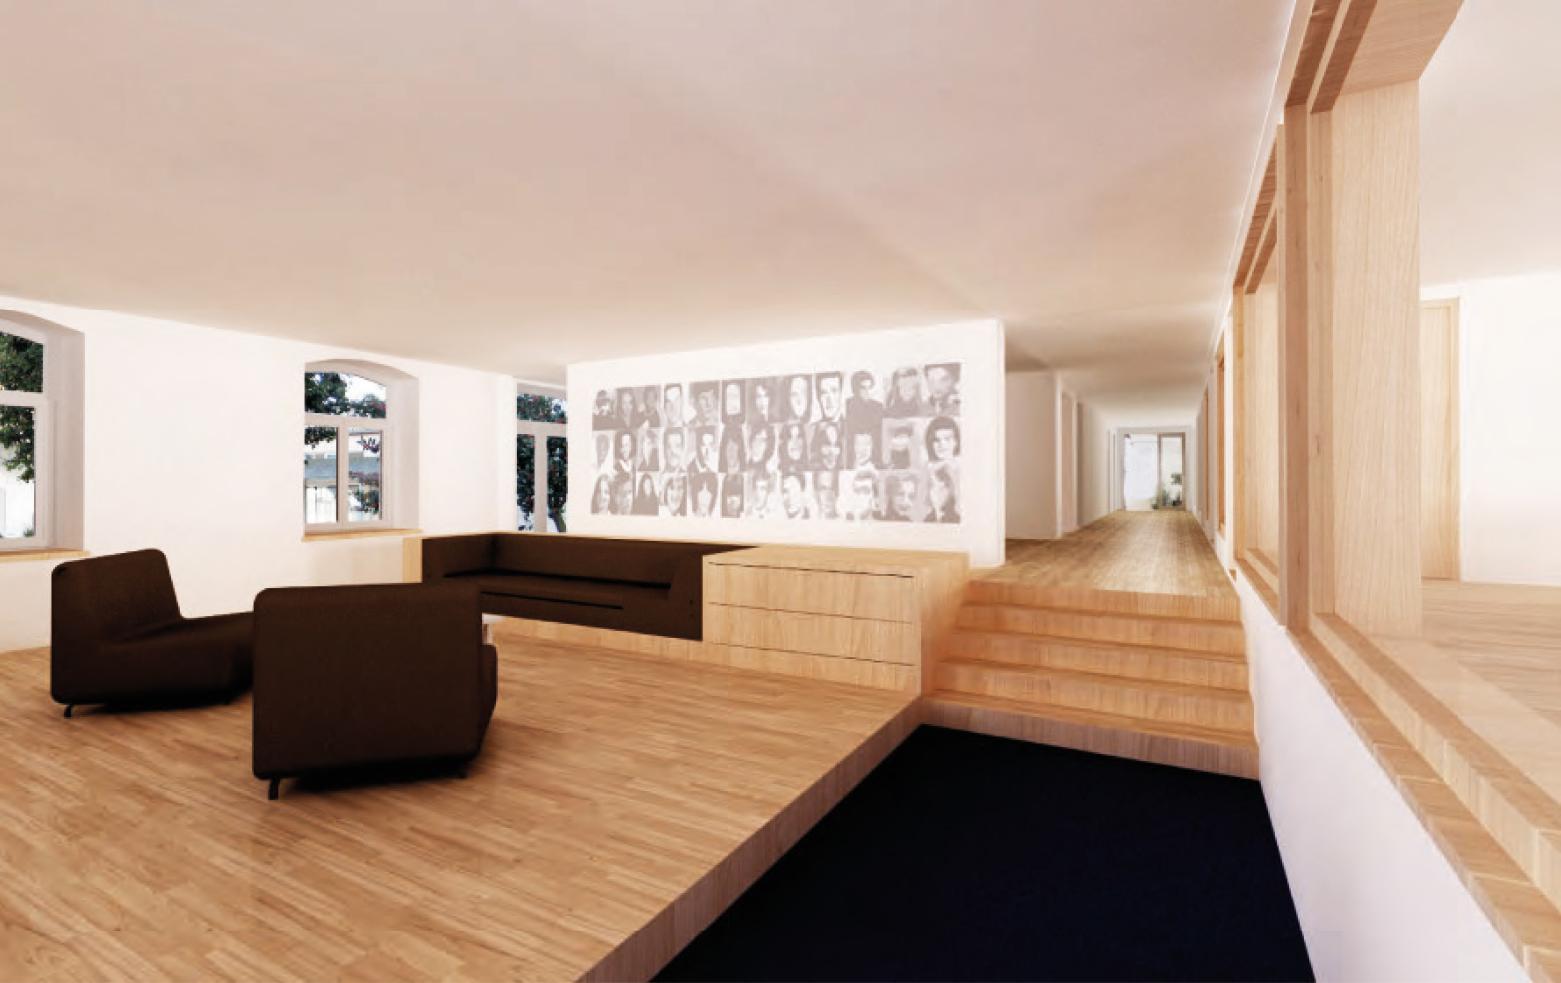 Erneuerung Schulanlage Bernrain, Sanierung Internatsgebäude, Kreuzlingen, S2 / Stucky Schneebeli / Architekten